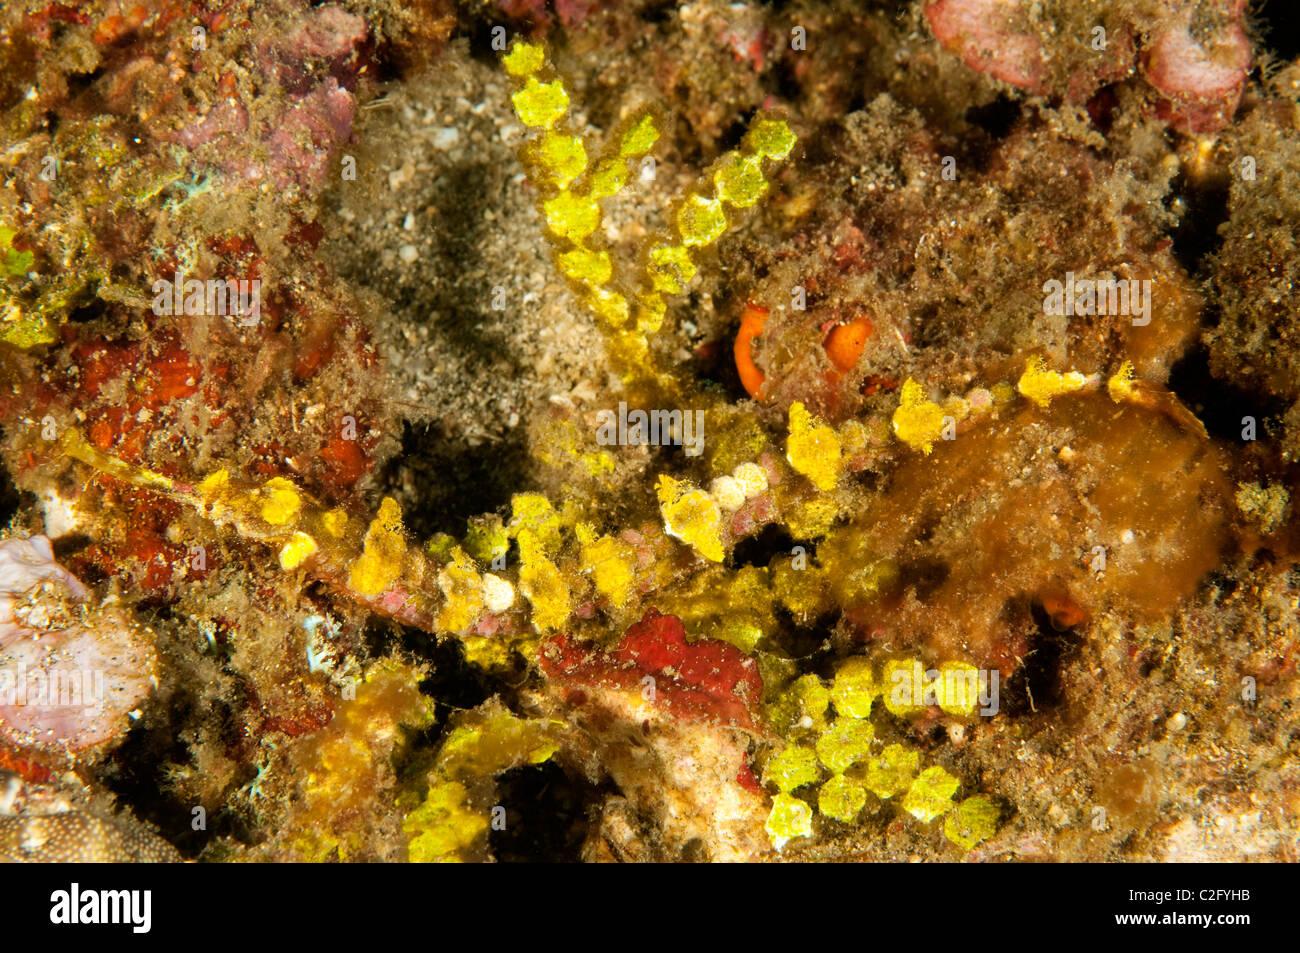 Geflügelte Seenadeln, Halicampus Macrorhynchus imitieren Halimeda Algen Sulawesi Indonesien Stockbild